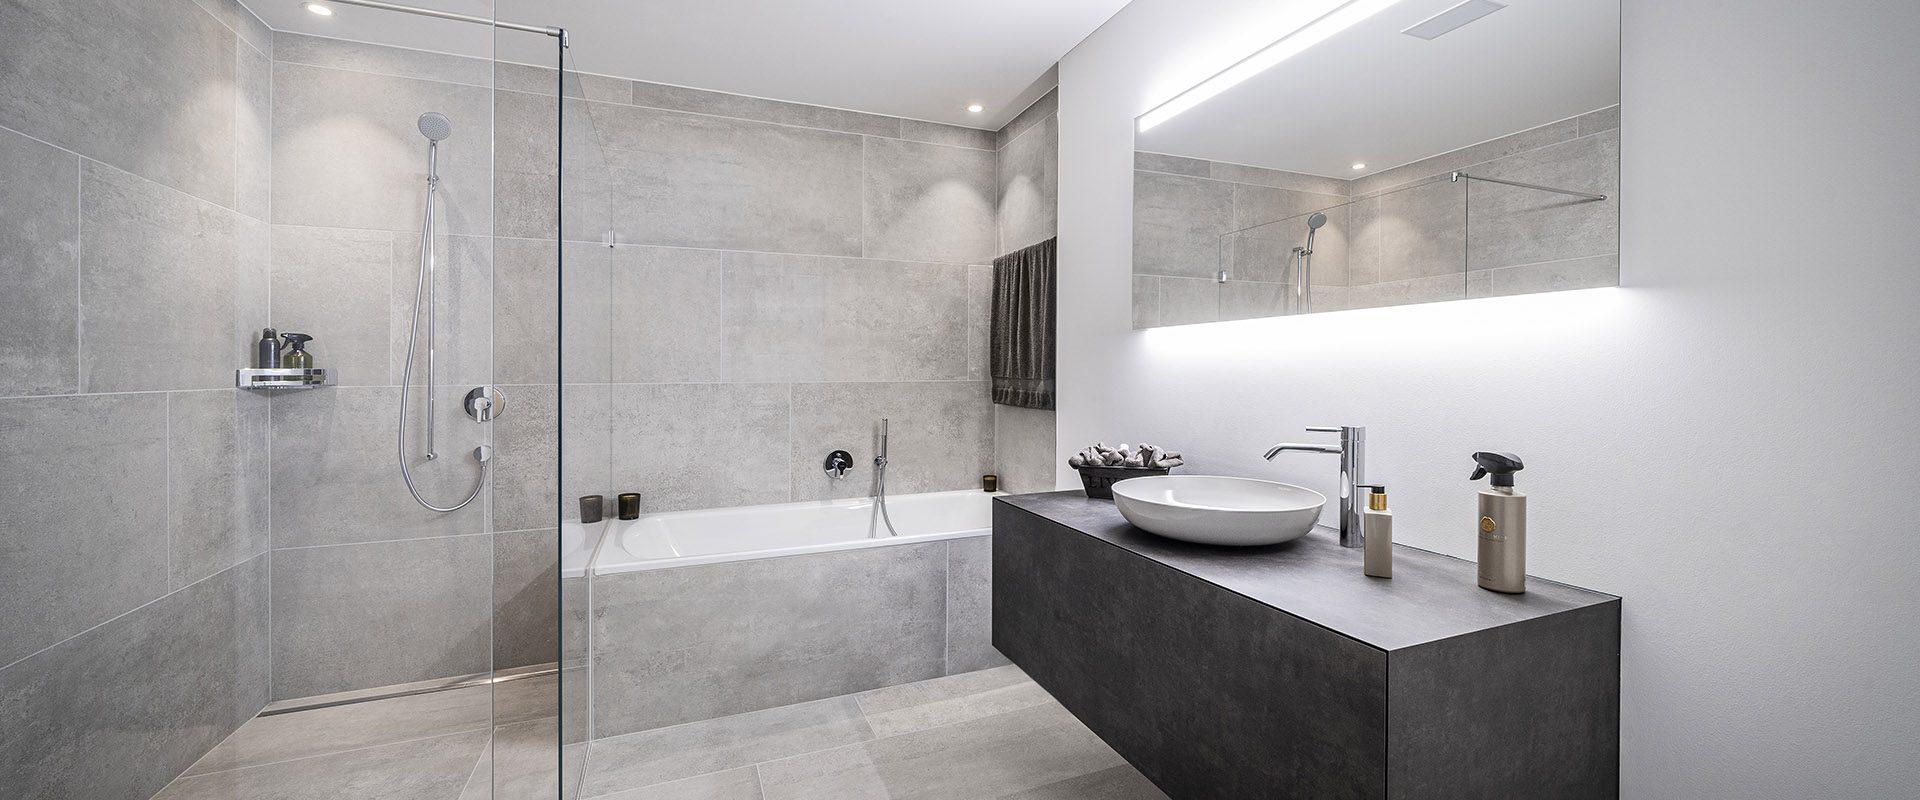 Modernes Badezimmer mit grauen Platten